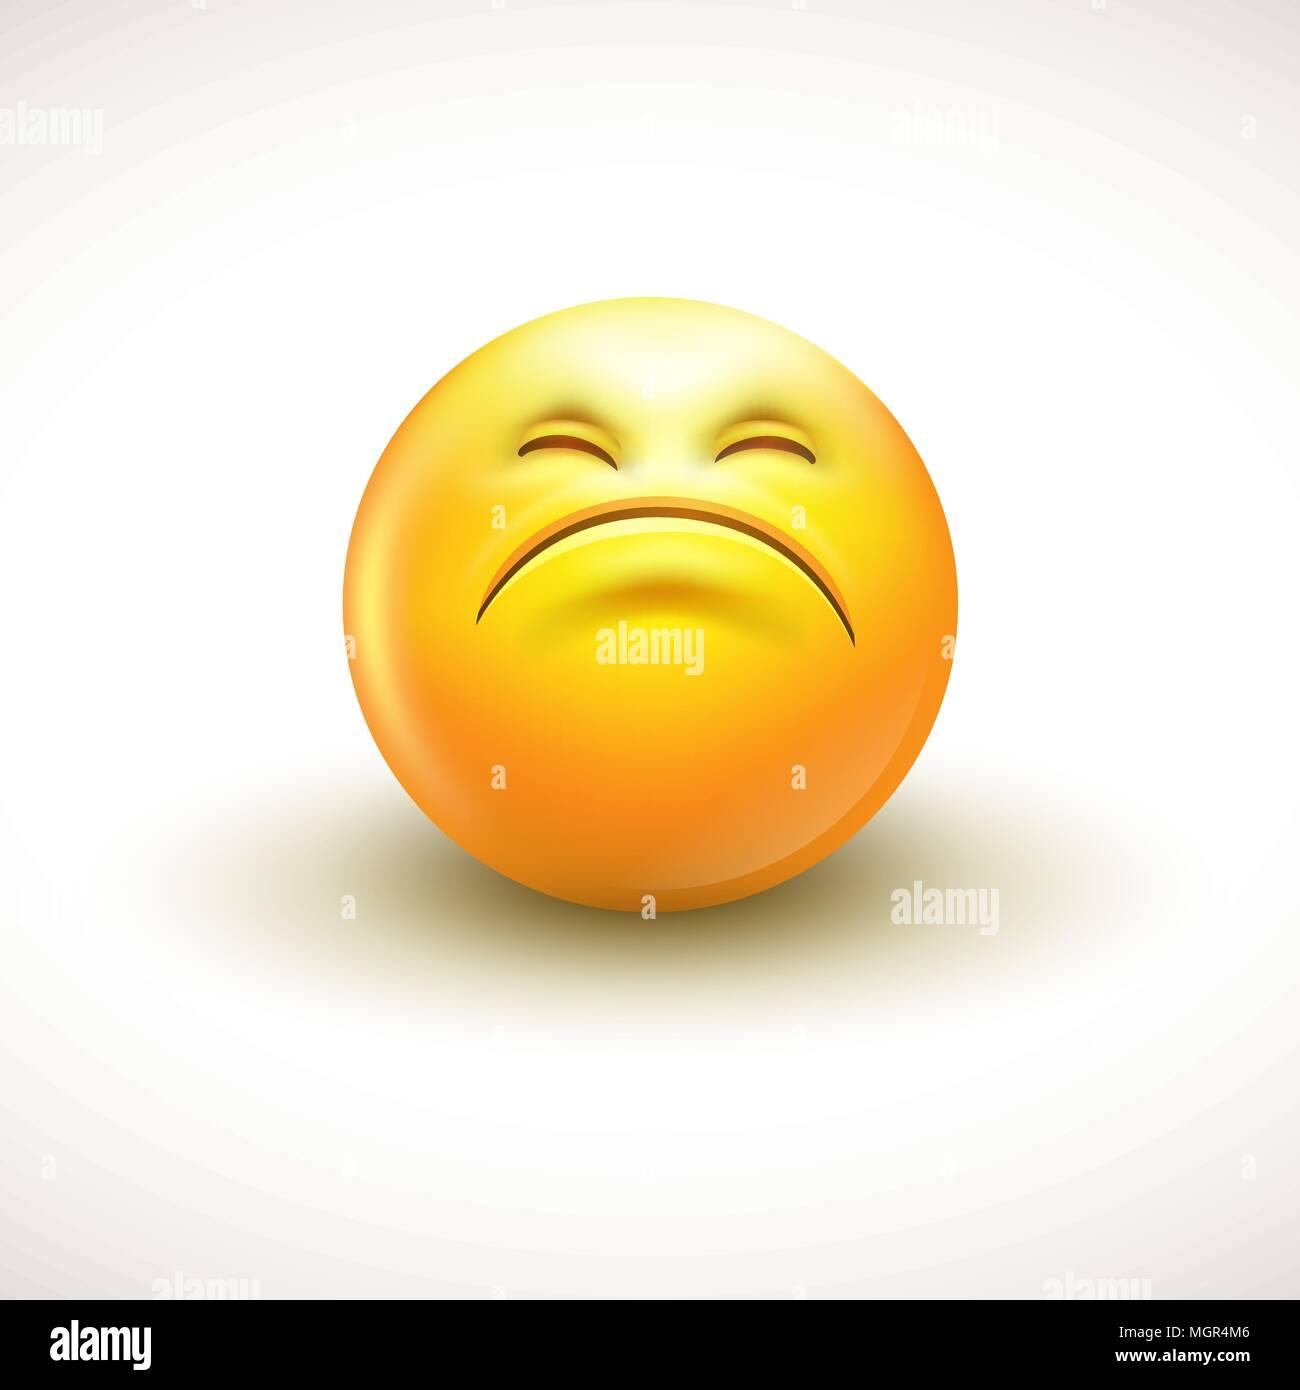 Cute curious emoticon, emoji - vector illustration - Stock Image